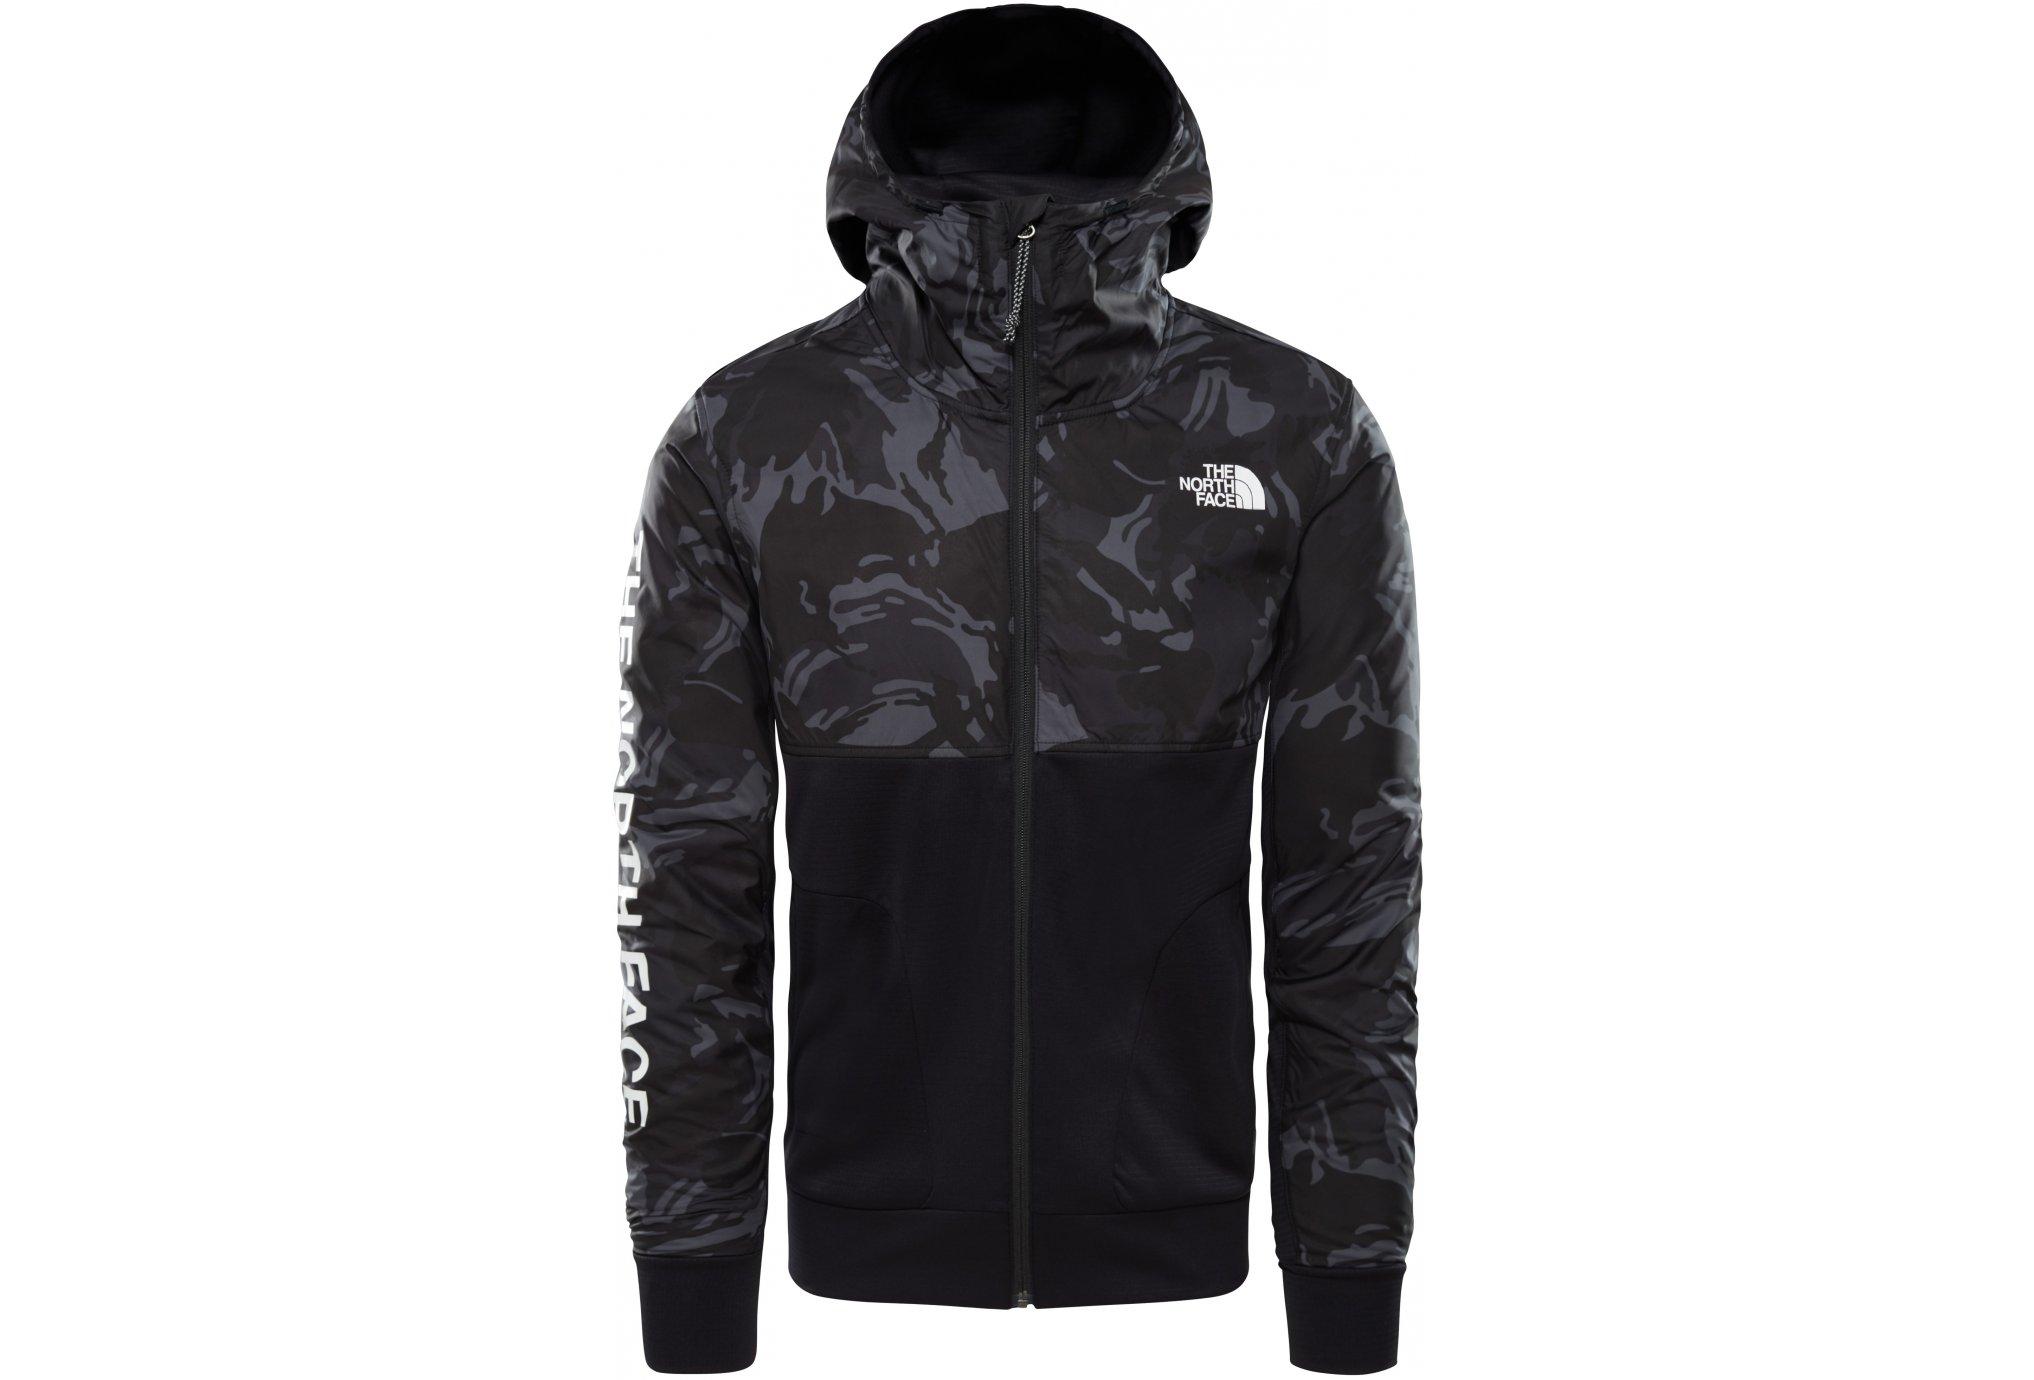 550798194f Nordicfit, Sport et Santé - The North Face Trevail M vêtement ...